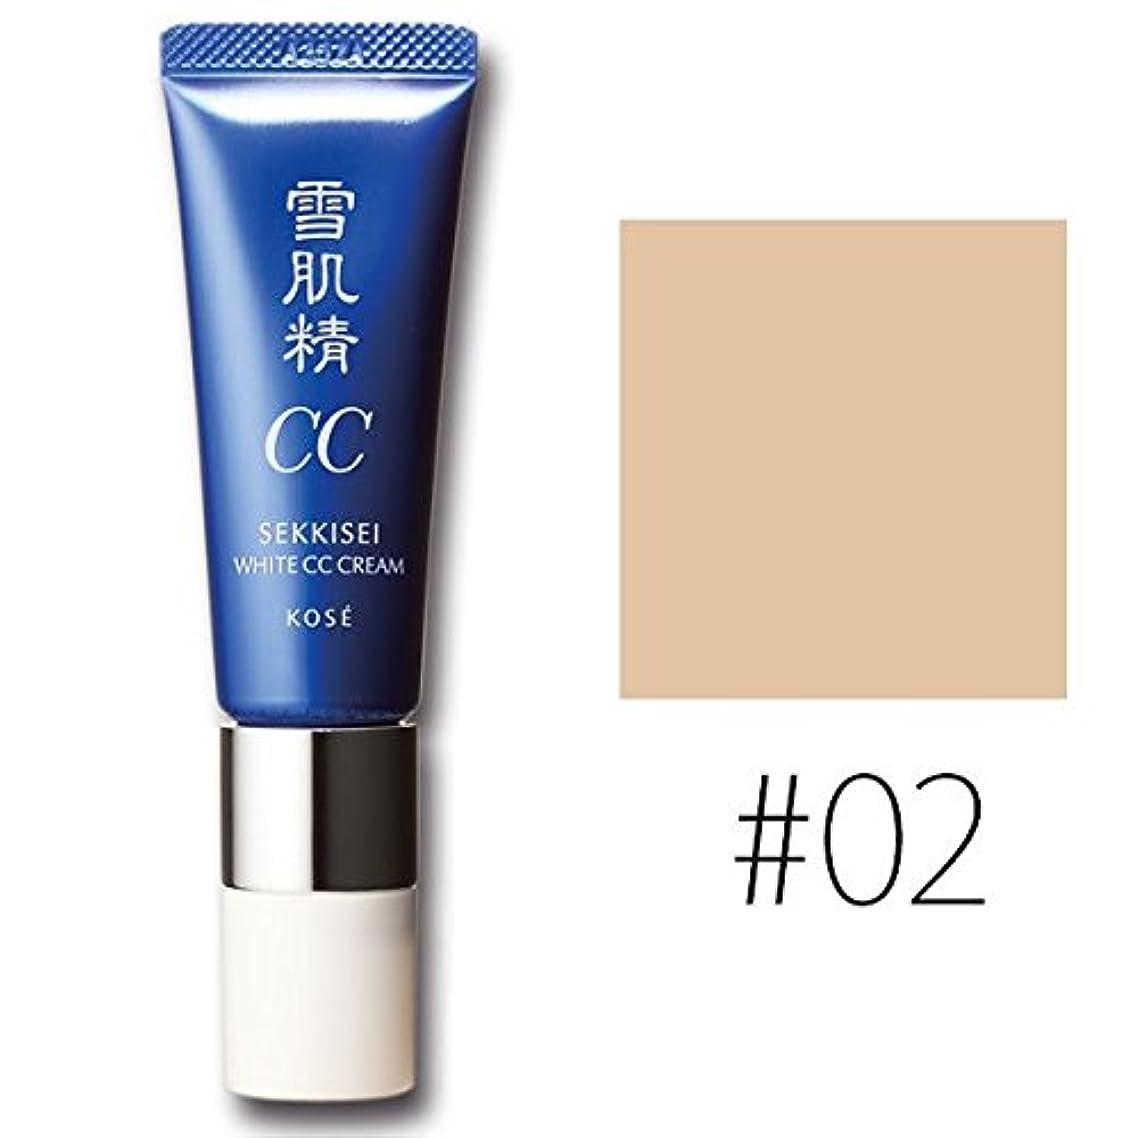 類推ちょうつがいスプレーコーセー 雪肌精 ホワイト CCクリーム【#02】 #OCHRE SPF50+/PA++++ 30g